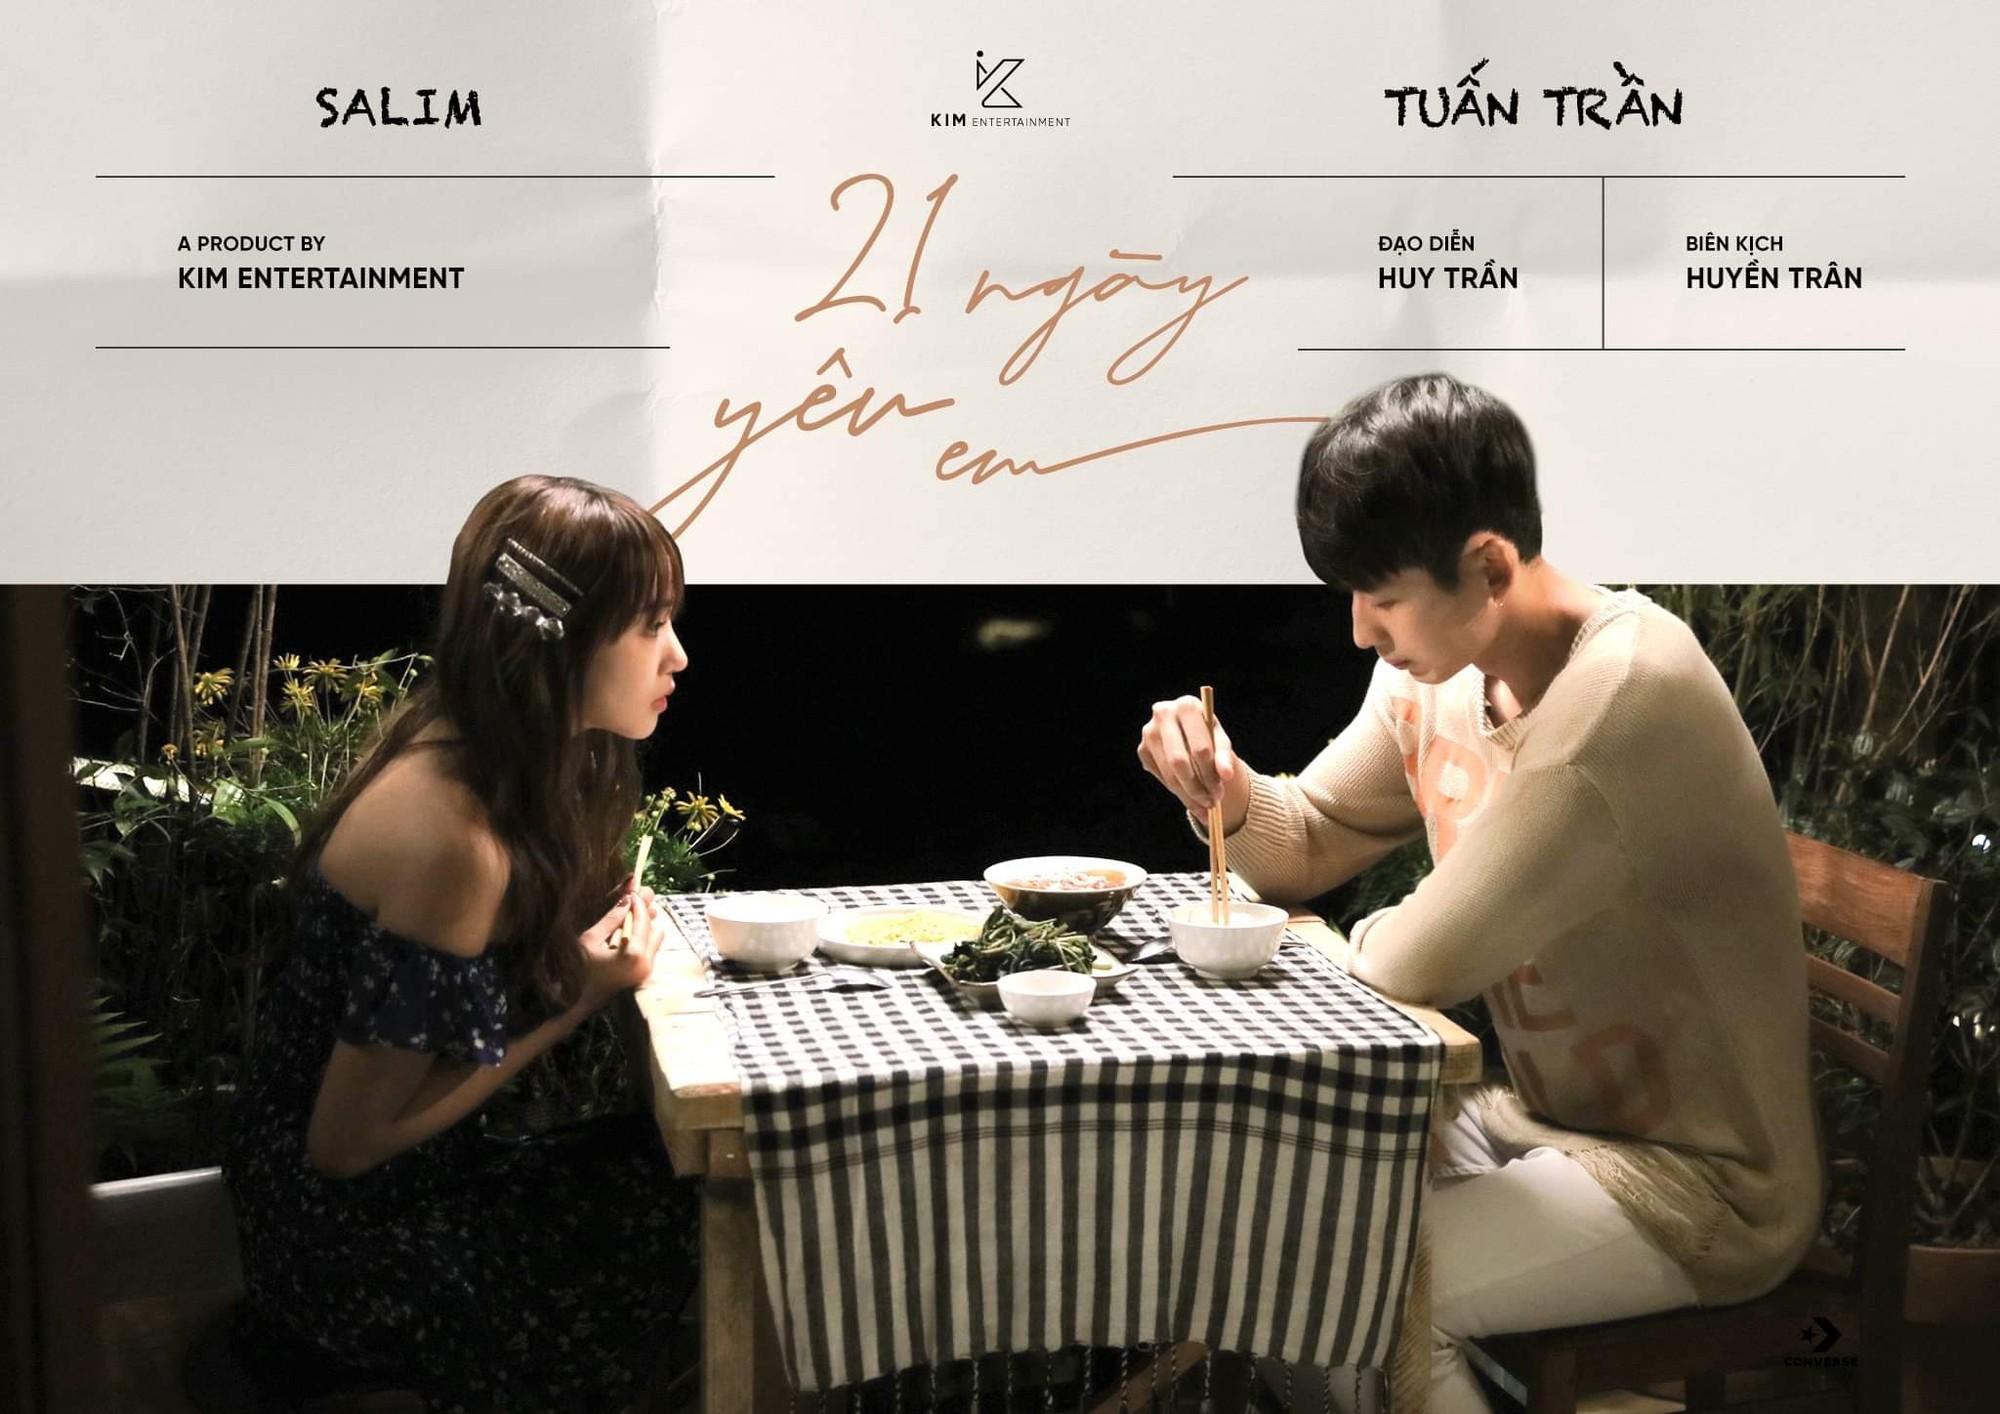 Hết đầu tư Vlog thời trang, Tuấn Trần tiếp tục đổ tiền làm phim ngôn tình - Ảnh 1.